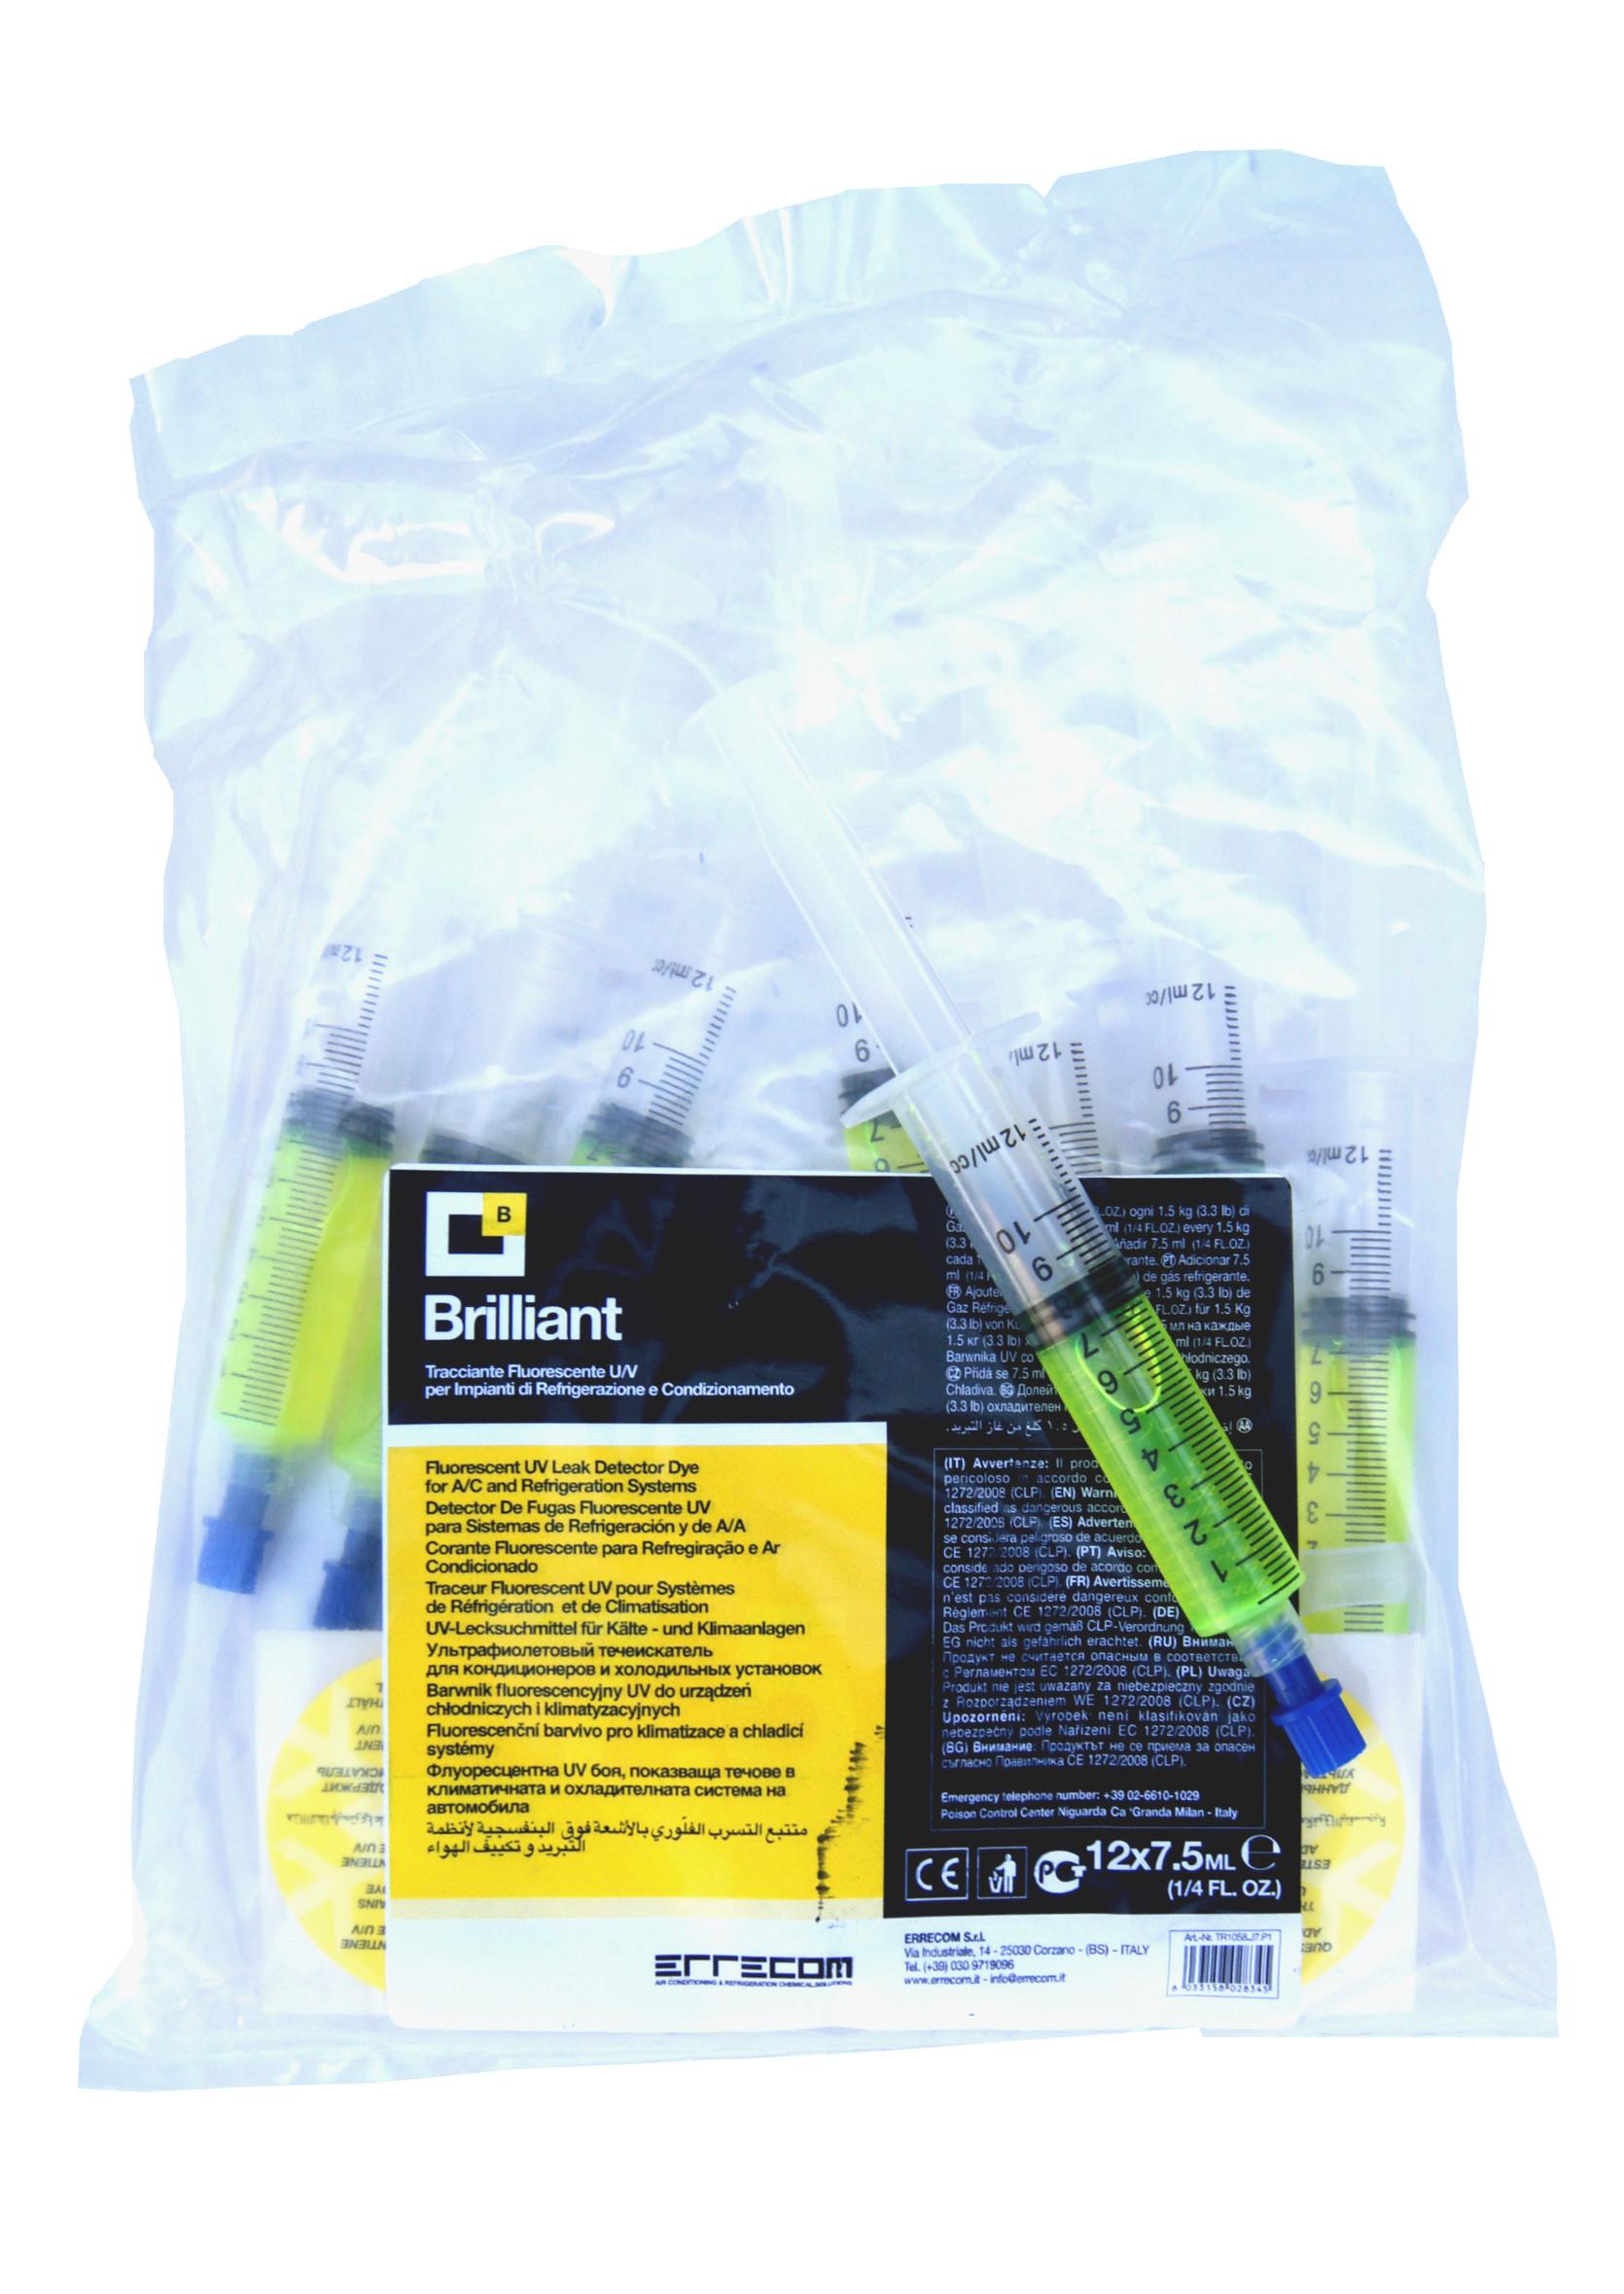 Errecom Brilliant 7,5ml Fluorescencyjny Barwnik UV do Klimatyzacji Kontrast Strzykawka